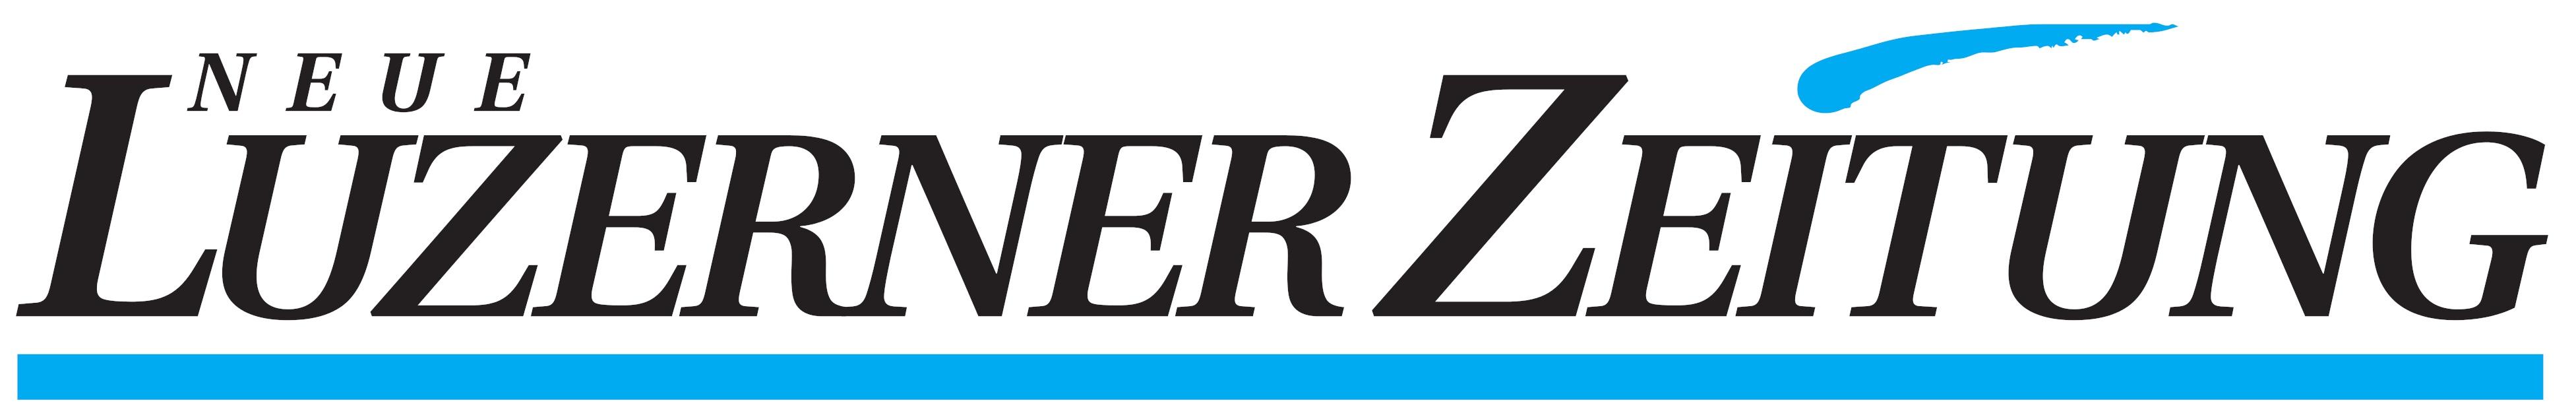 Logo: Neue Luzerner Zeitung